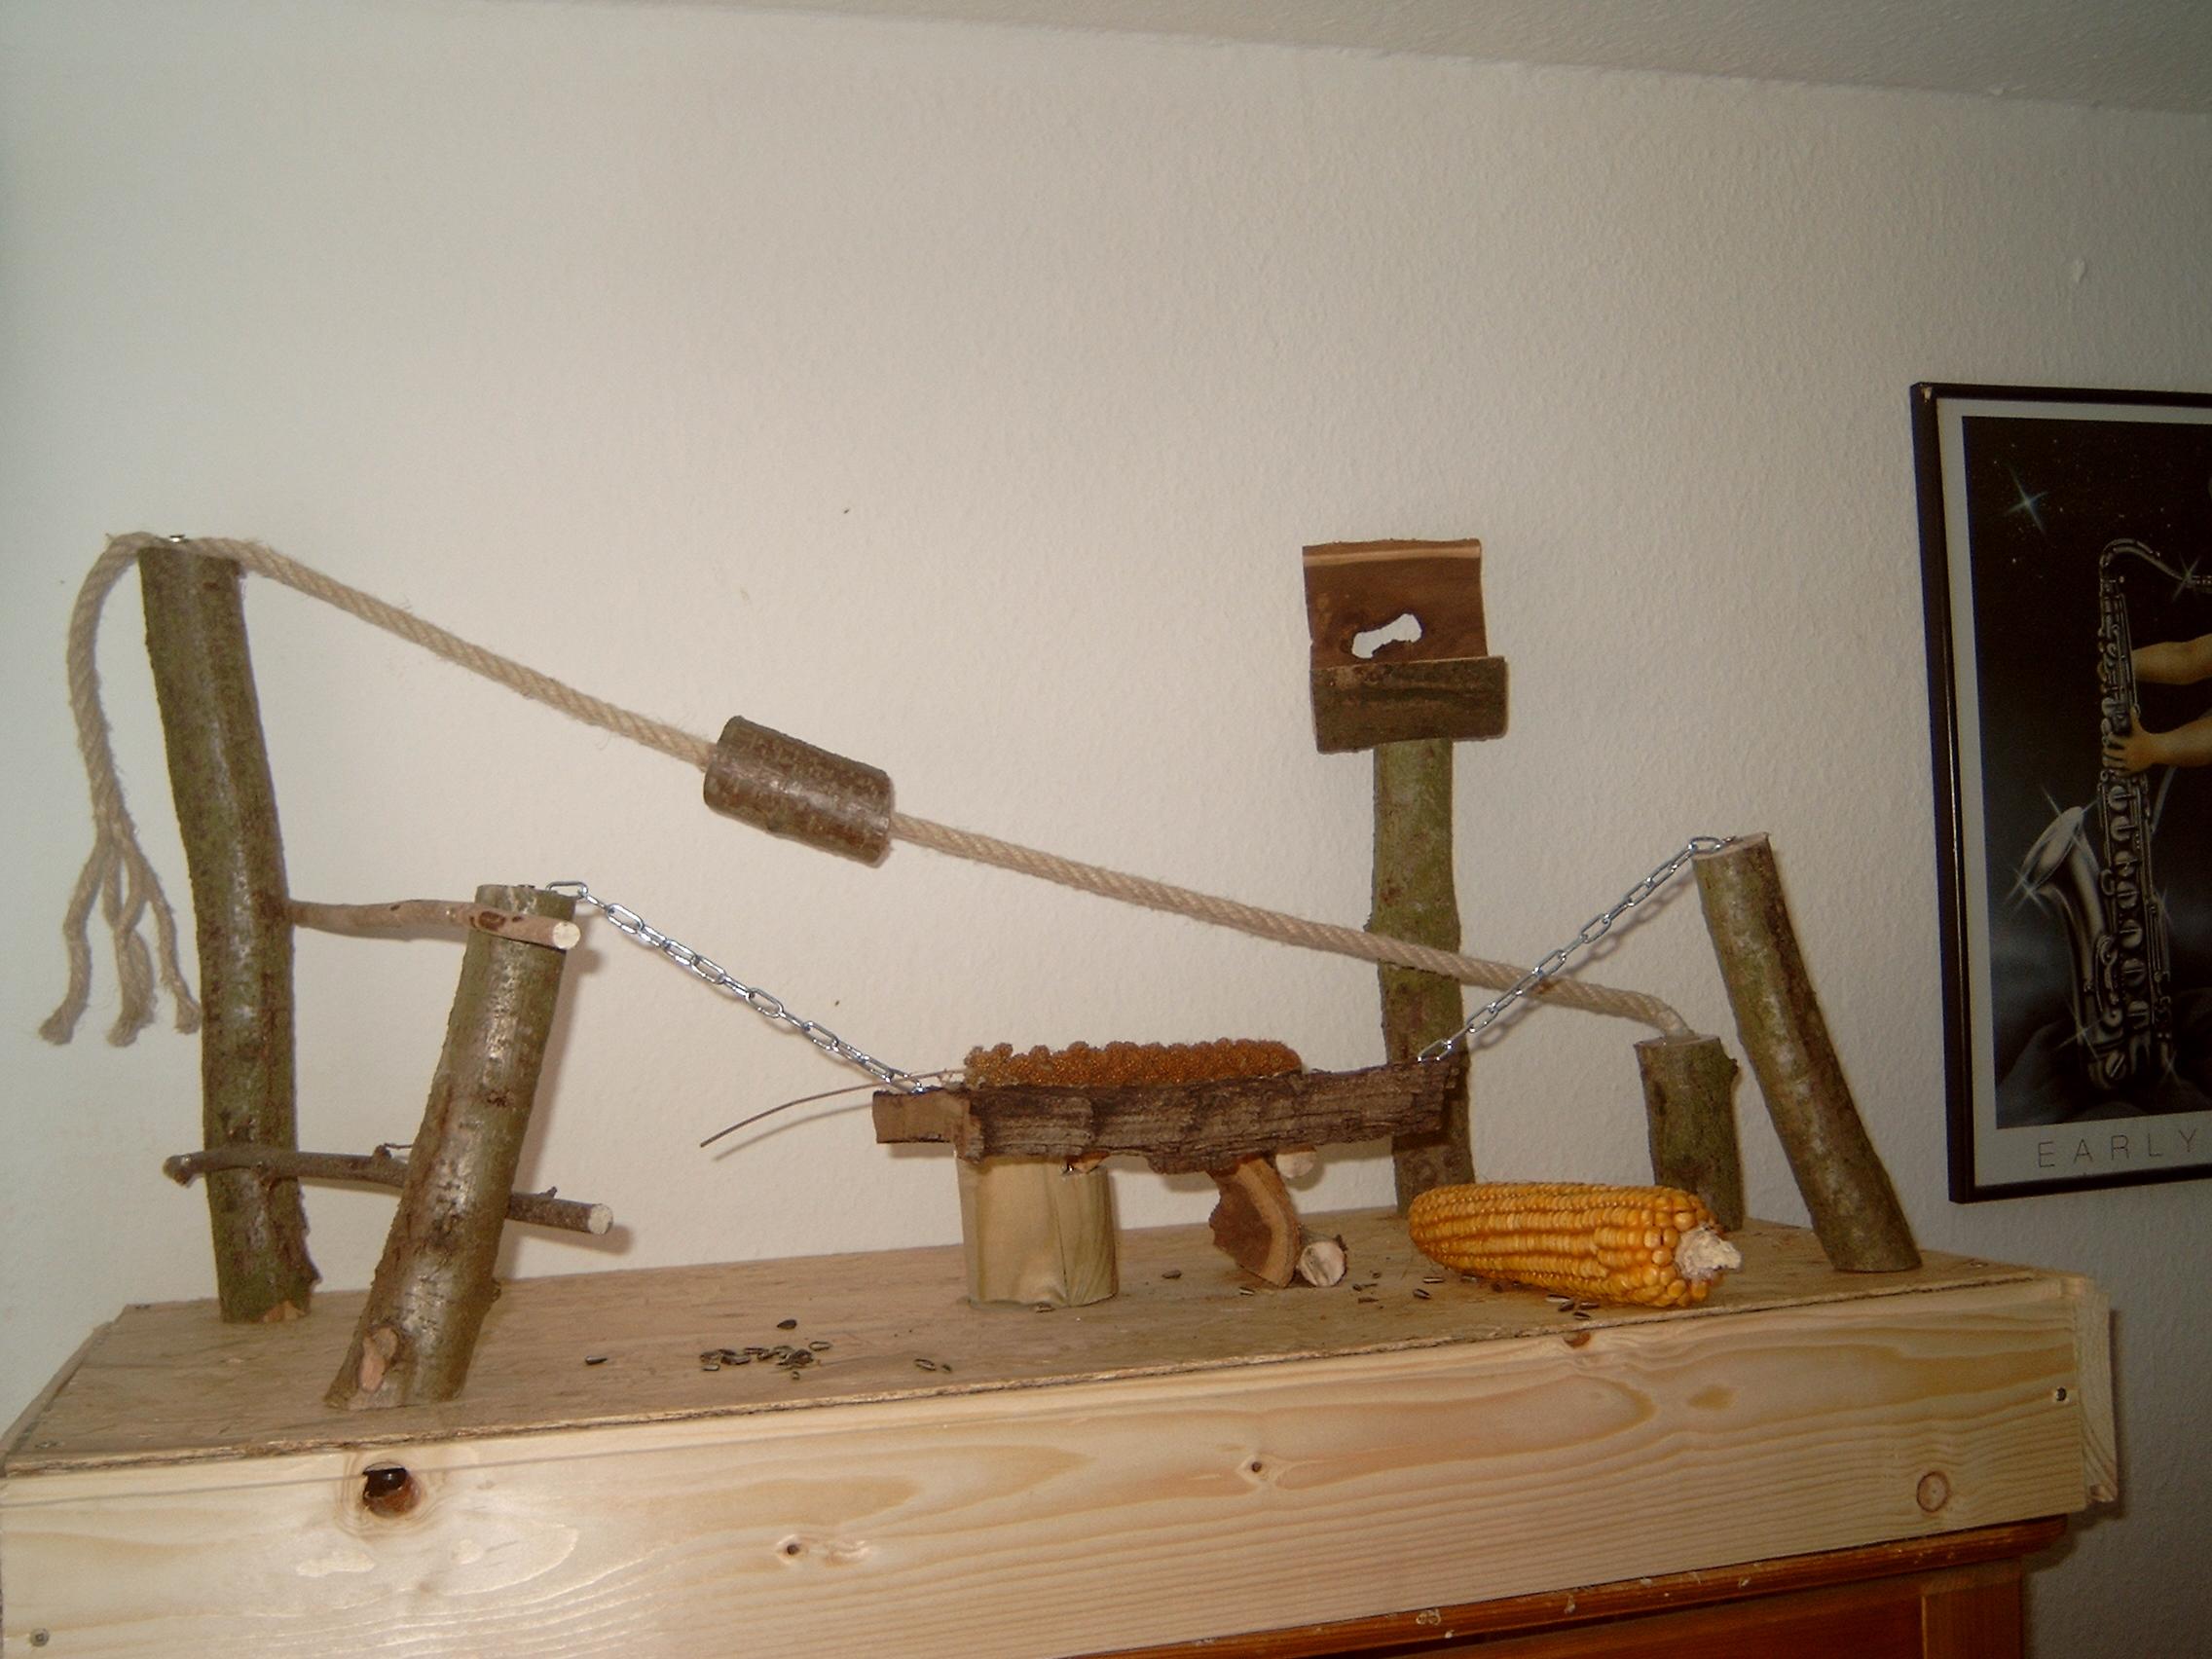 vogelspielzeug bauen was lieben wellensittiche tiere v gel. Black Bedroom Furniture Sets. Home Design Ideas